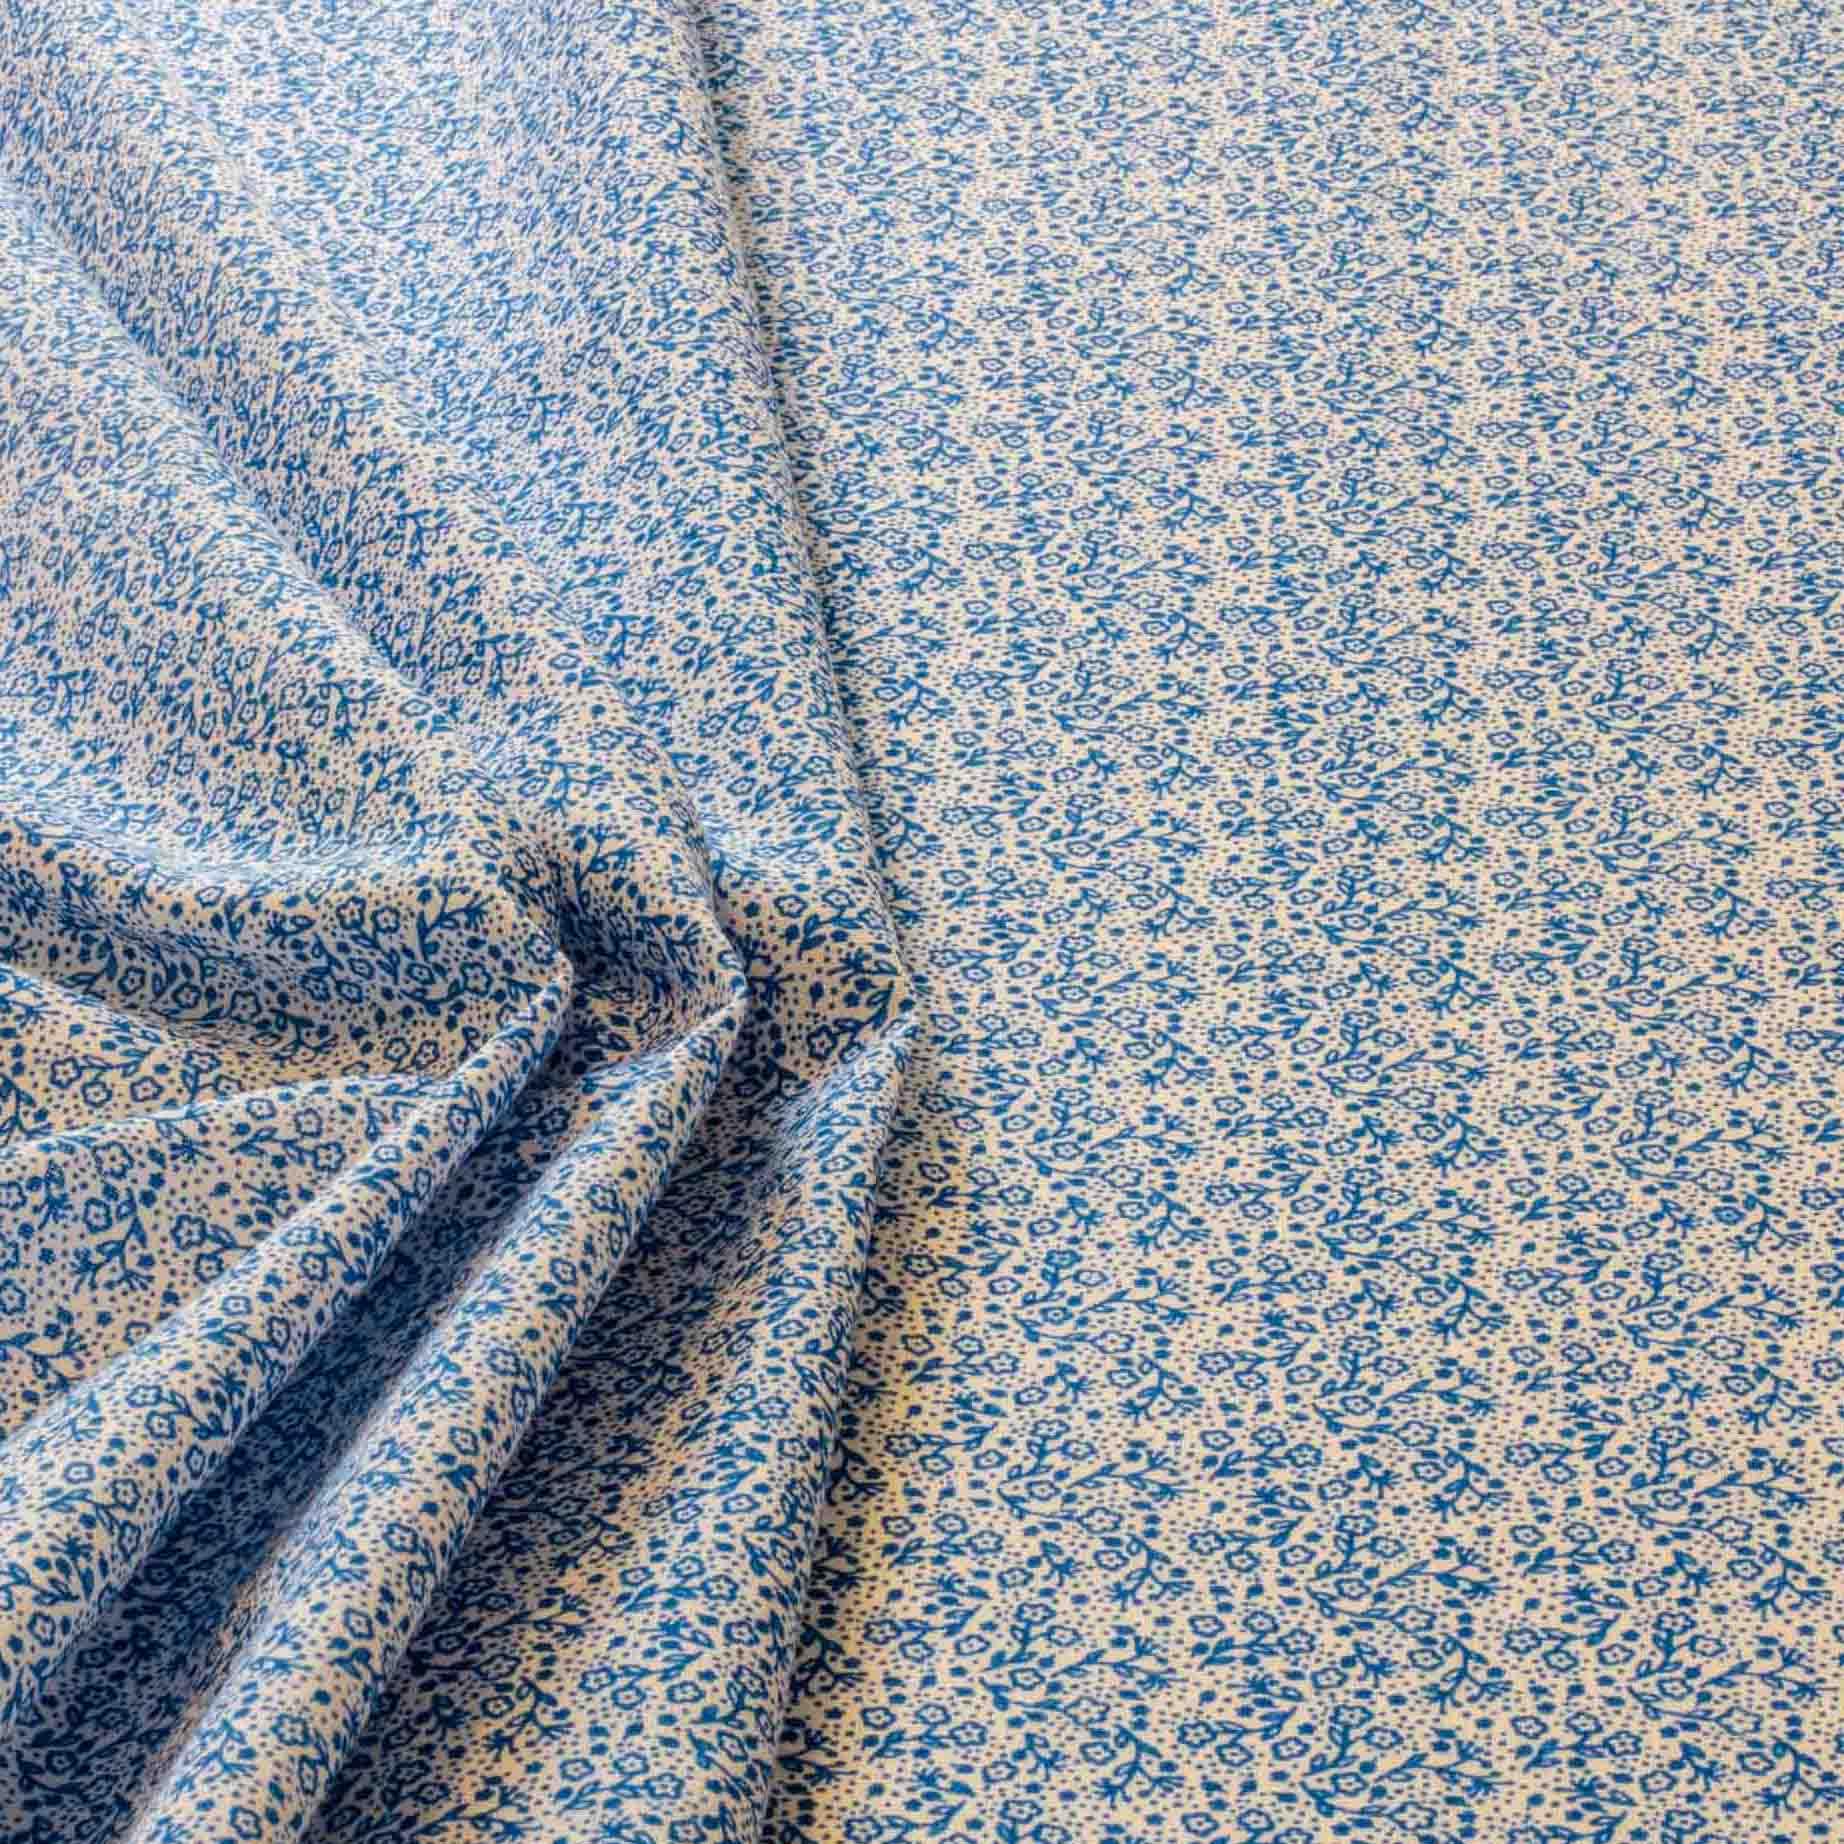 Tecido Tricoline Misto Estampado Florzinha Azul 50% Algodao 50% Poliester 1,40 m Largura